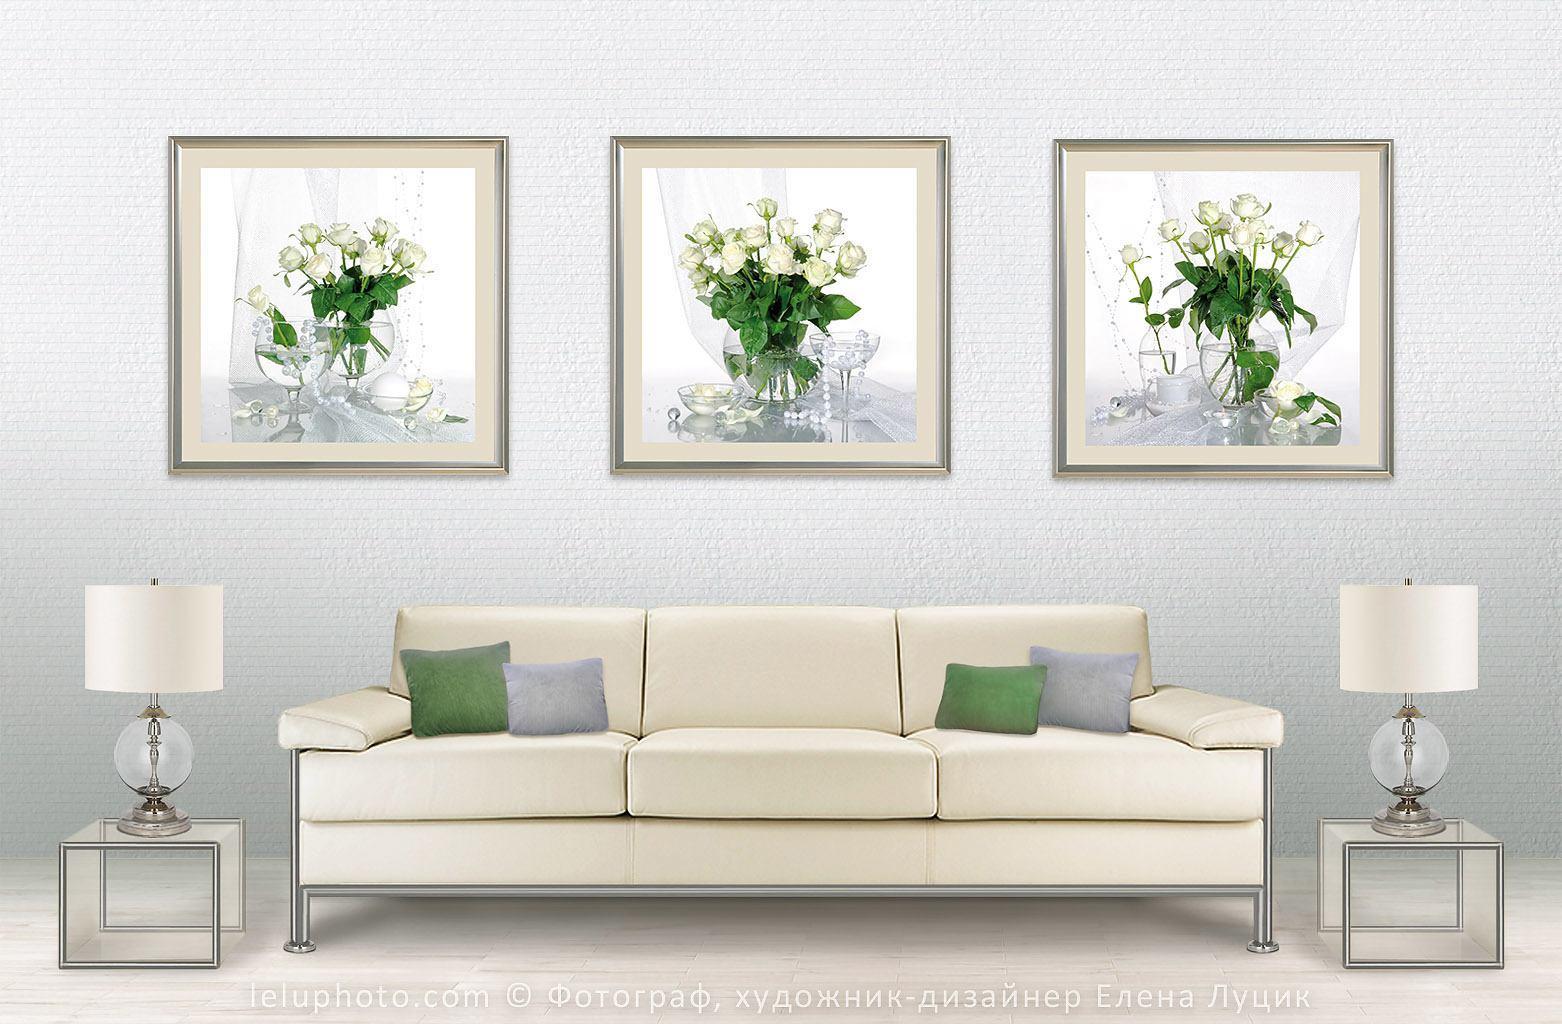 Натюрморты для оформления интерьера «Белые розы»